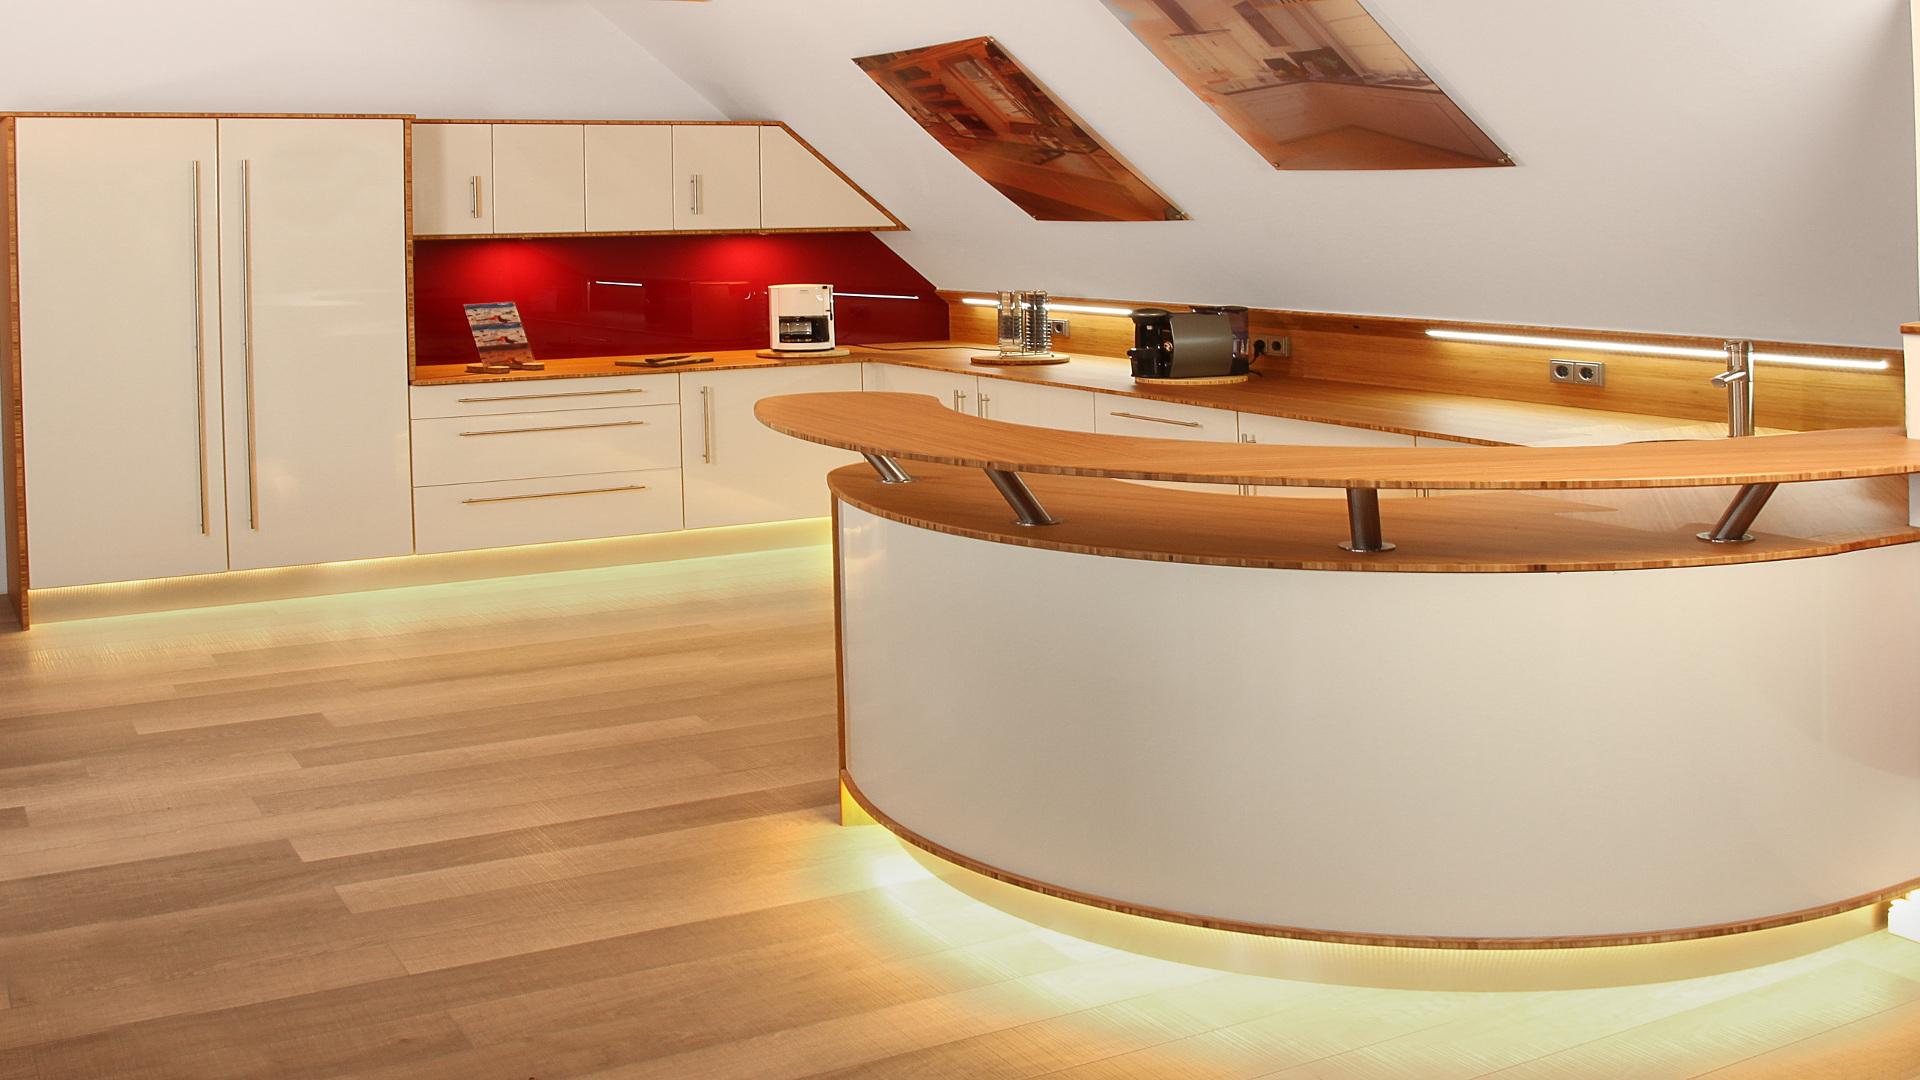 Claves para que consigas los muebles perfectos para tu cocina1920